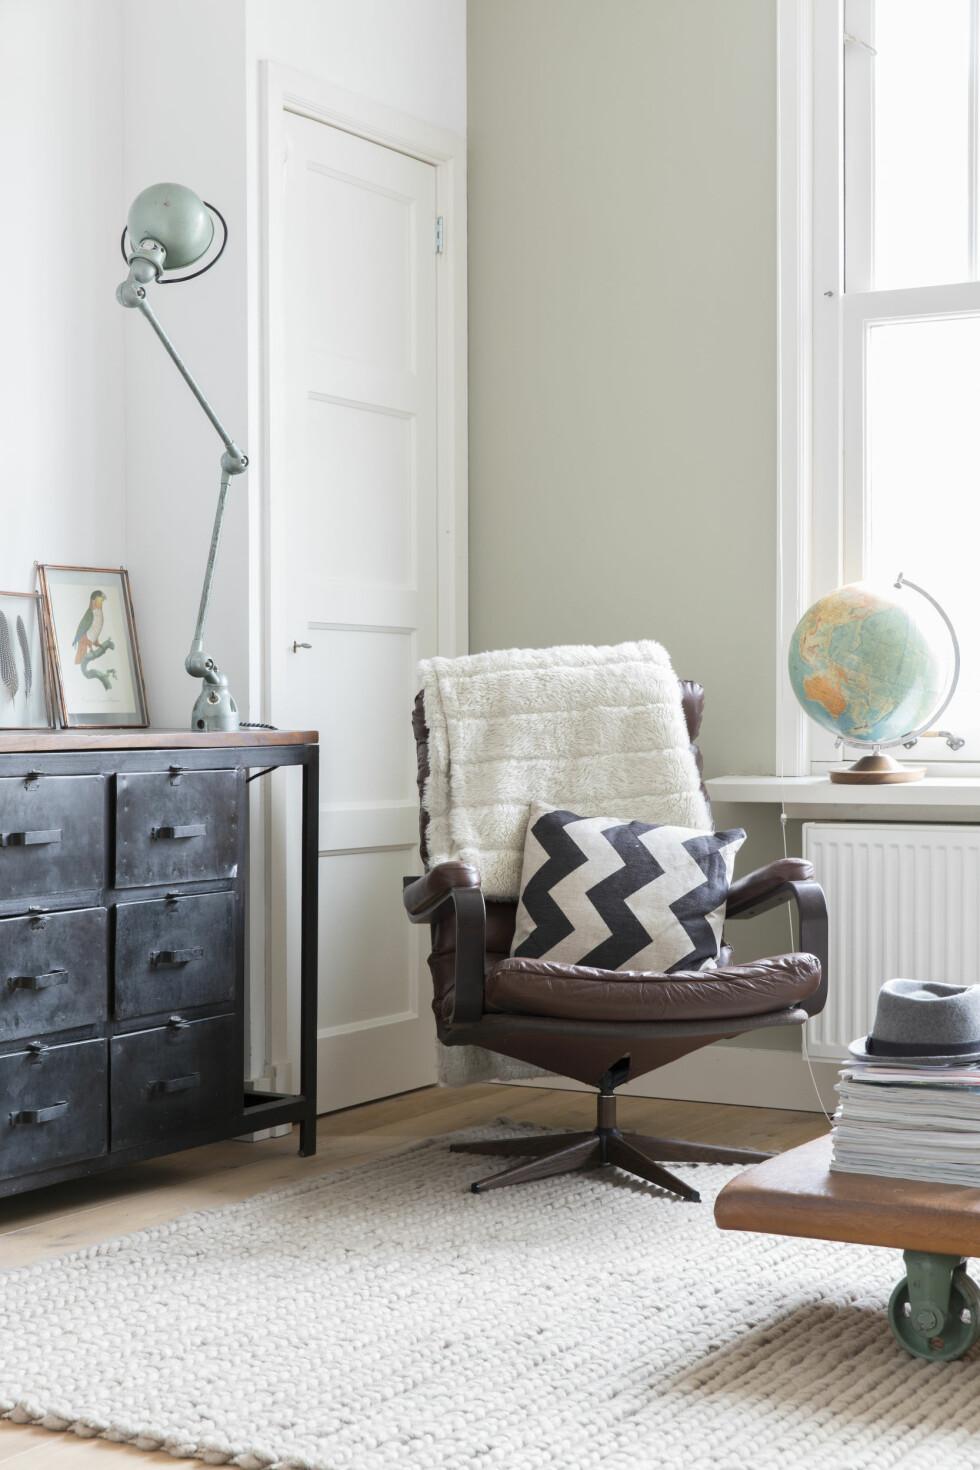 KULT MED VINTAGE: En fin samling vintagefunn: en Jieldé-lampe, en gammel lenestol og en globus. Rammen er fra Doing-Goods.com.  Foto: Margriet Hoekstral